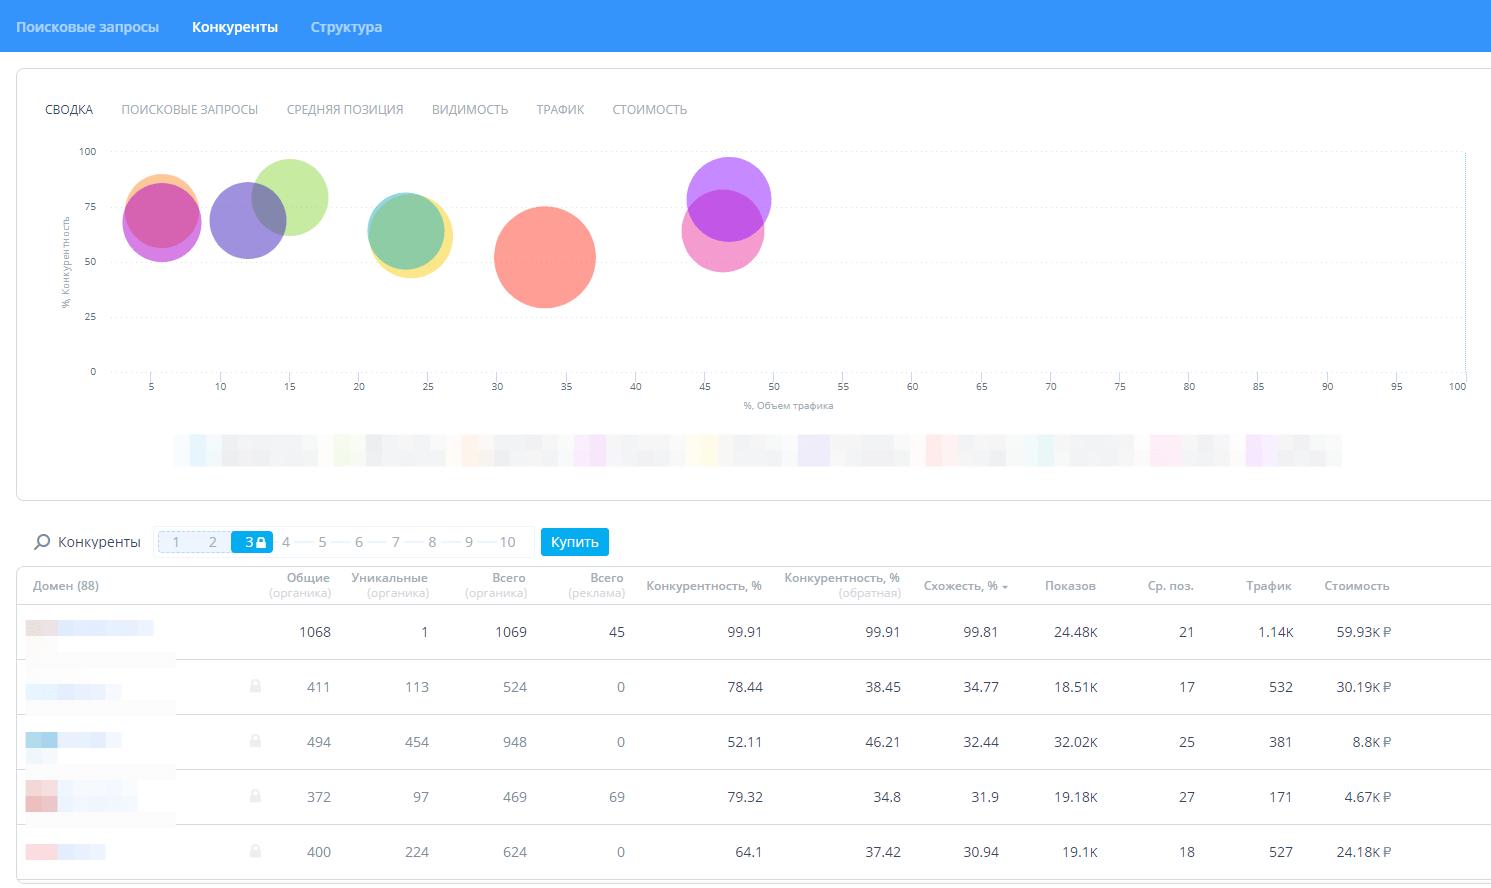 Список конкурентов в анализе Топвизора